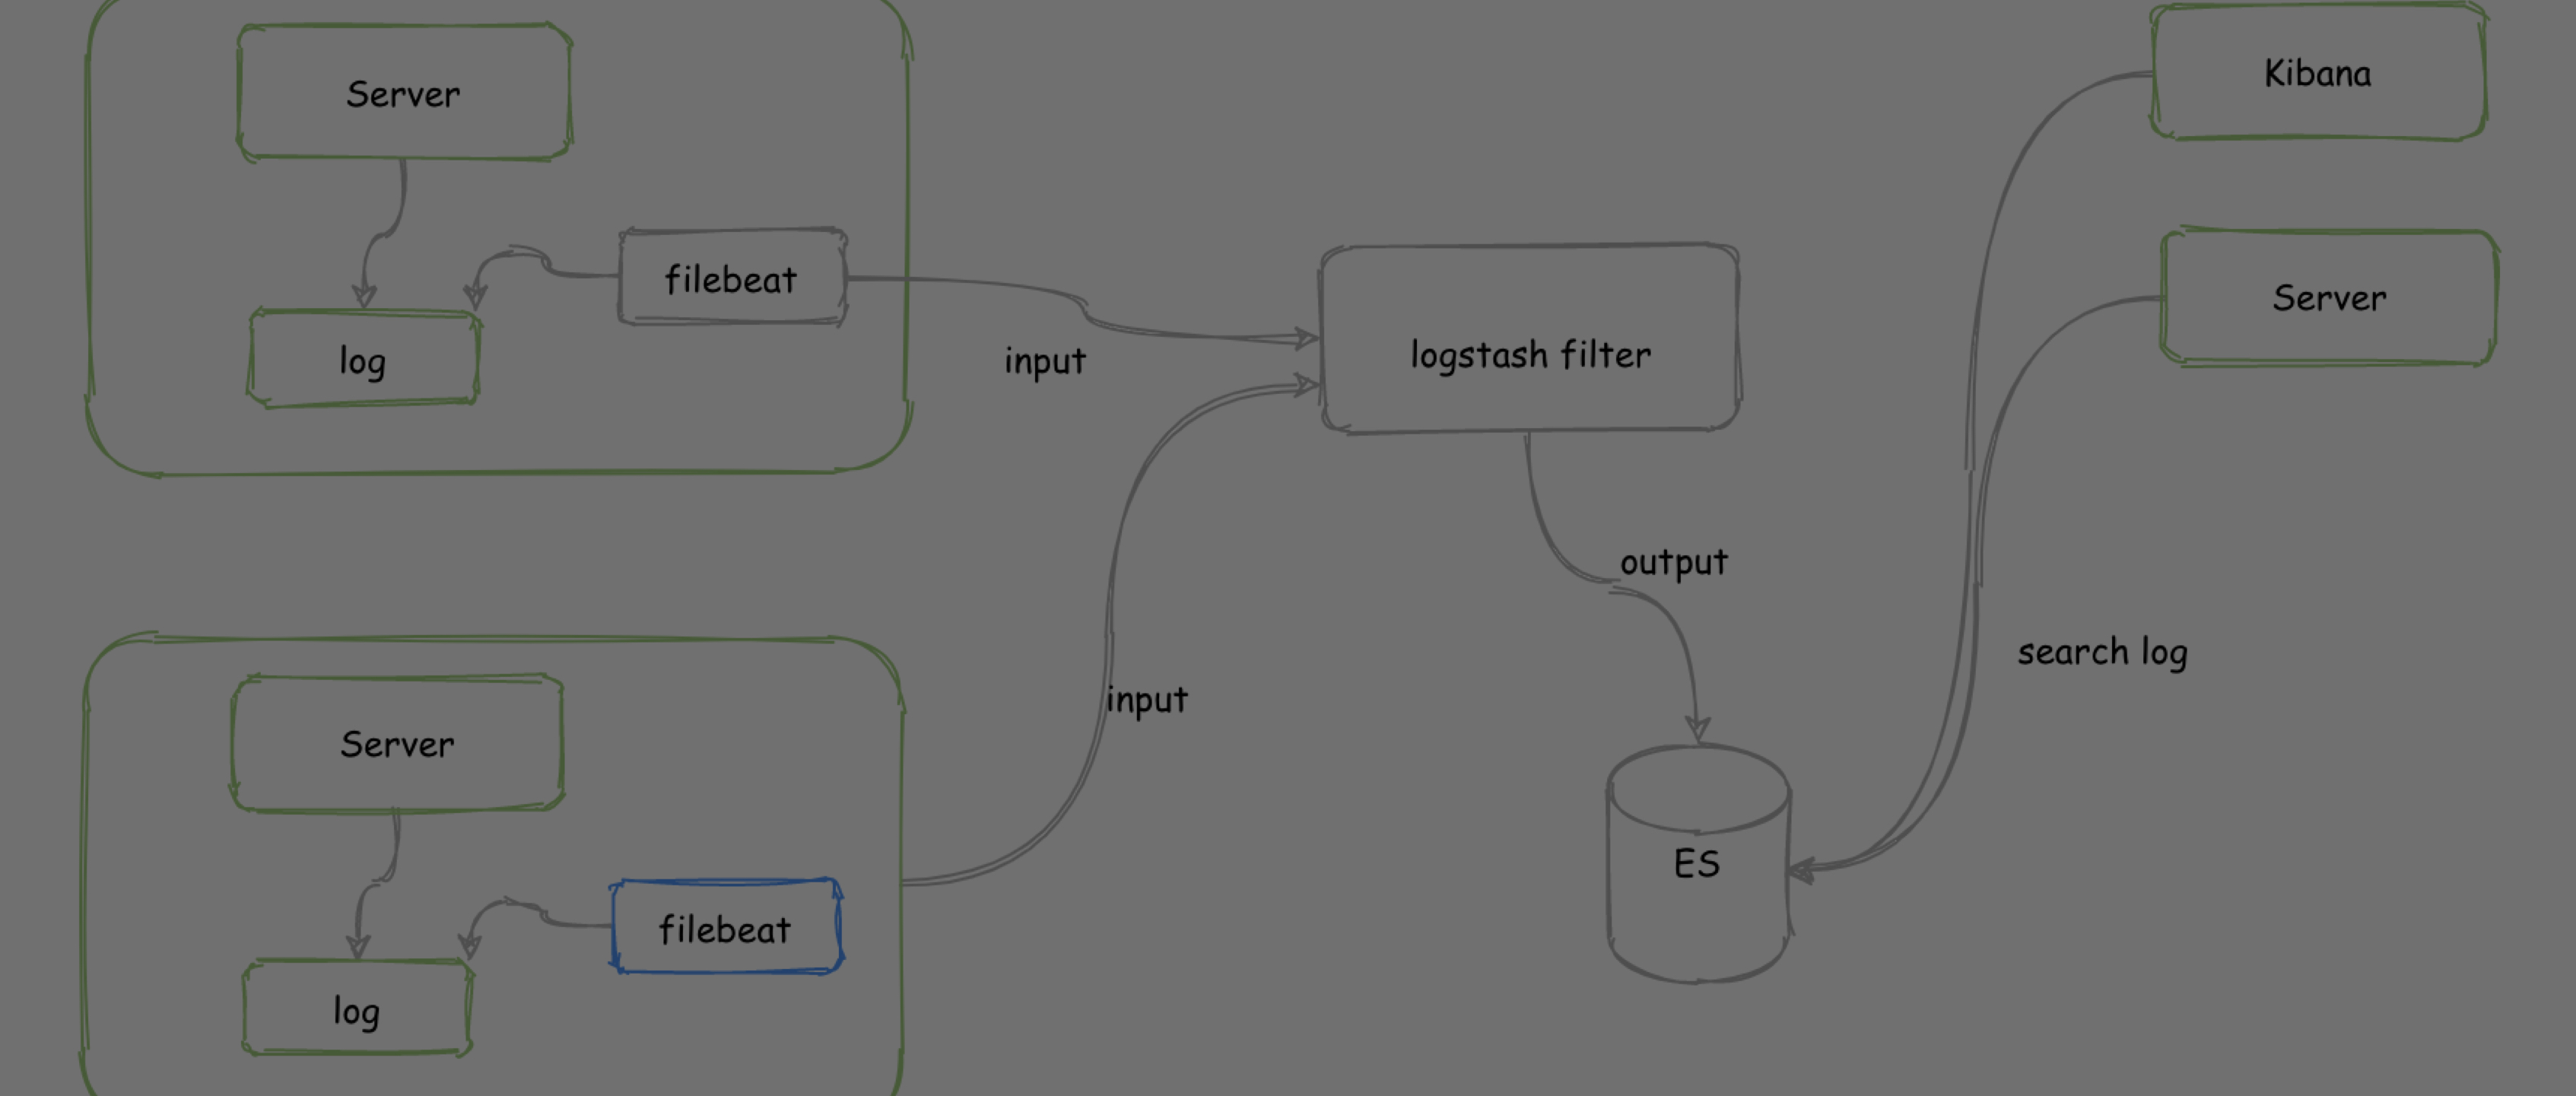 几行代码轻松实现跨系统传递 traceId,再也不用担心对不上日志了!